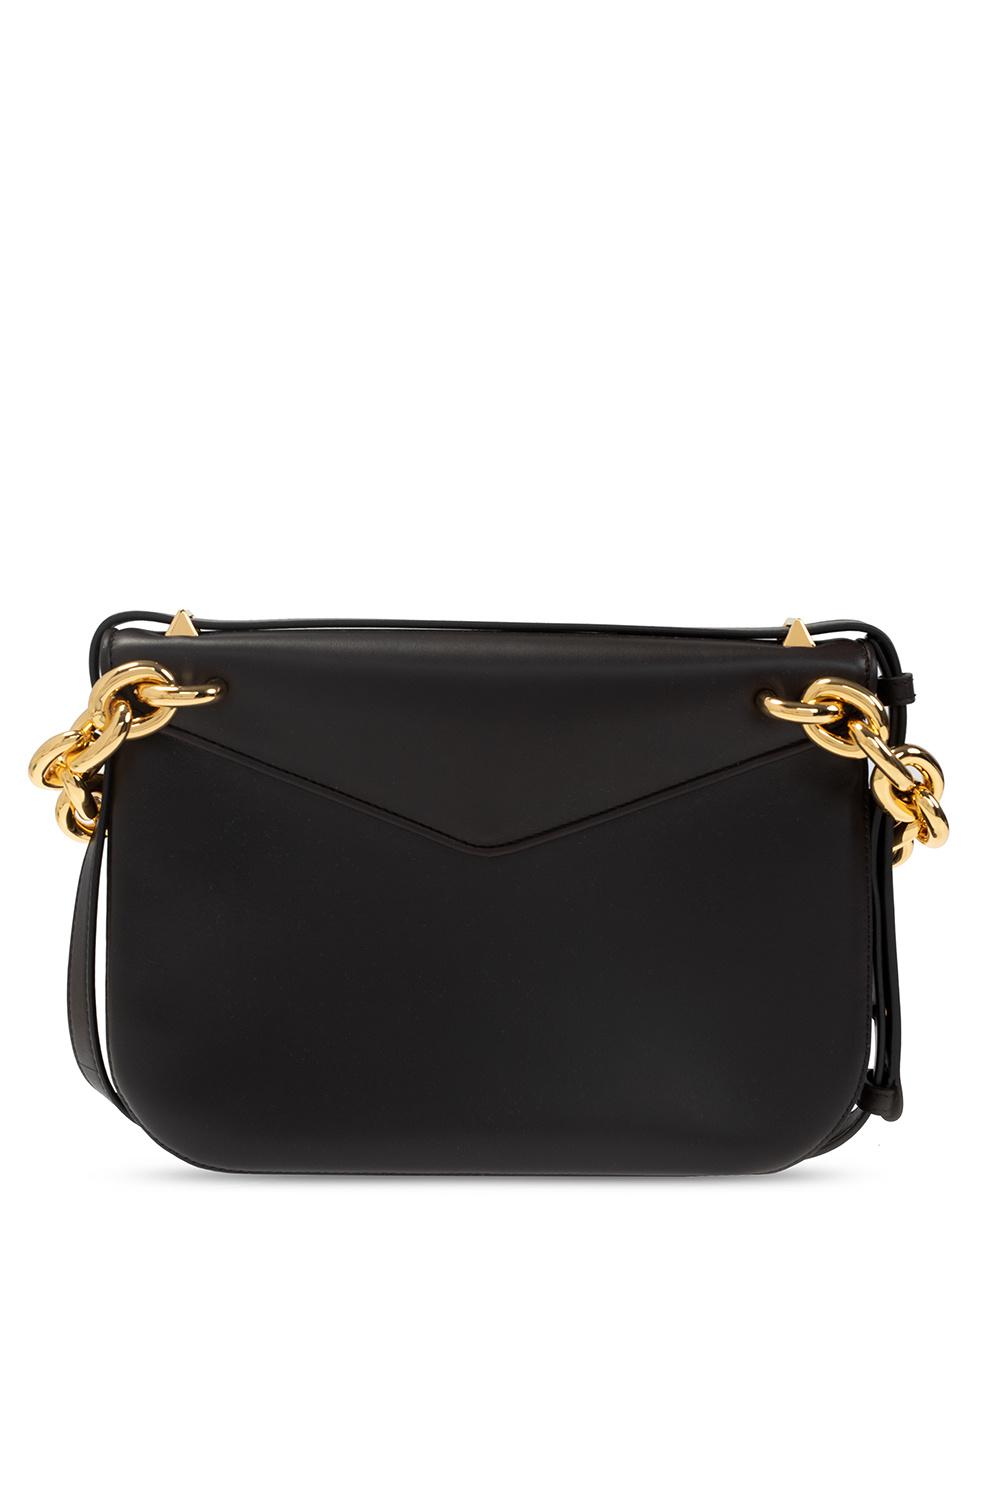 Bottega Veneta 'Mount' shoulder bag